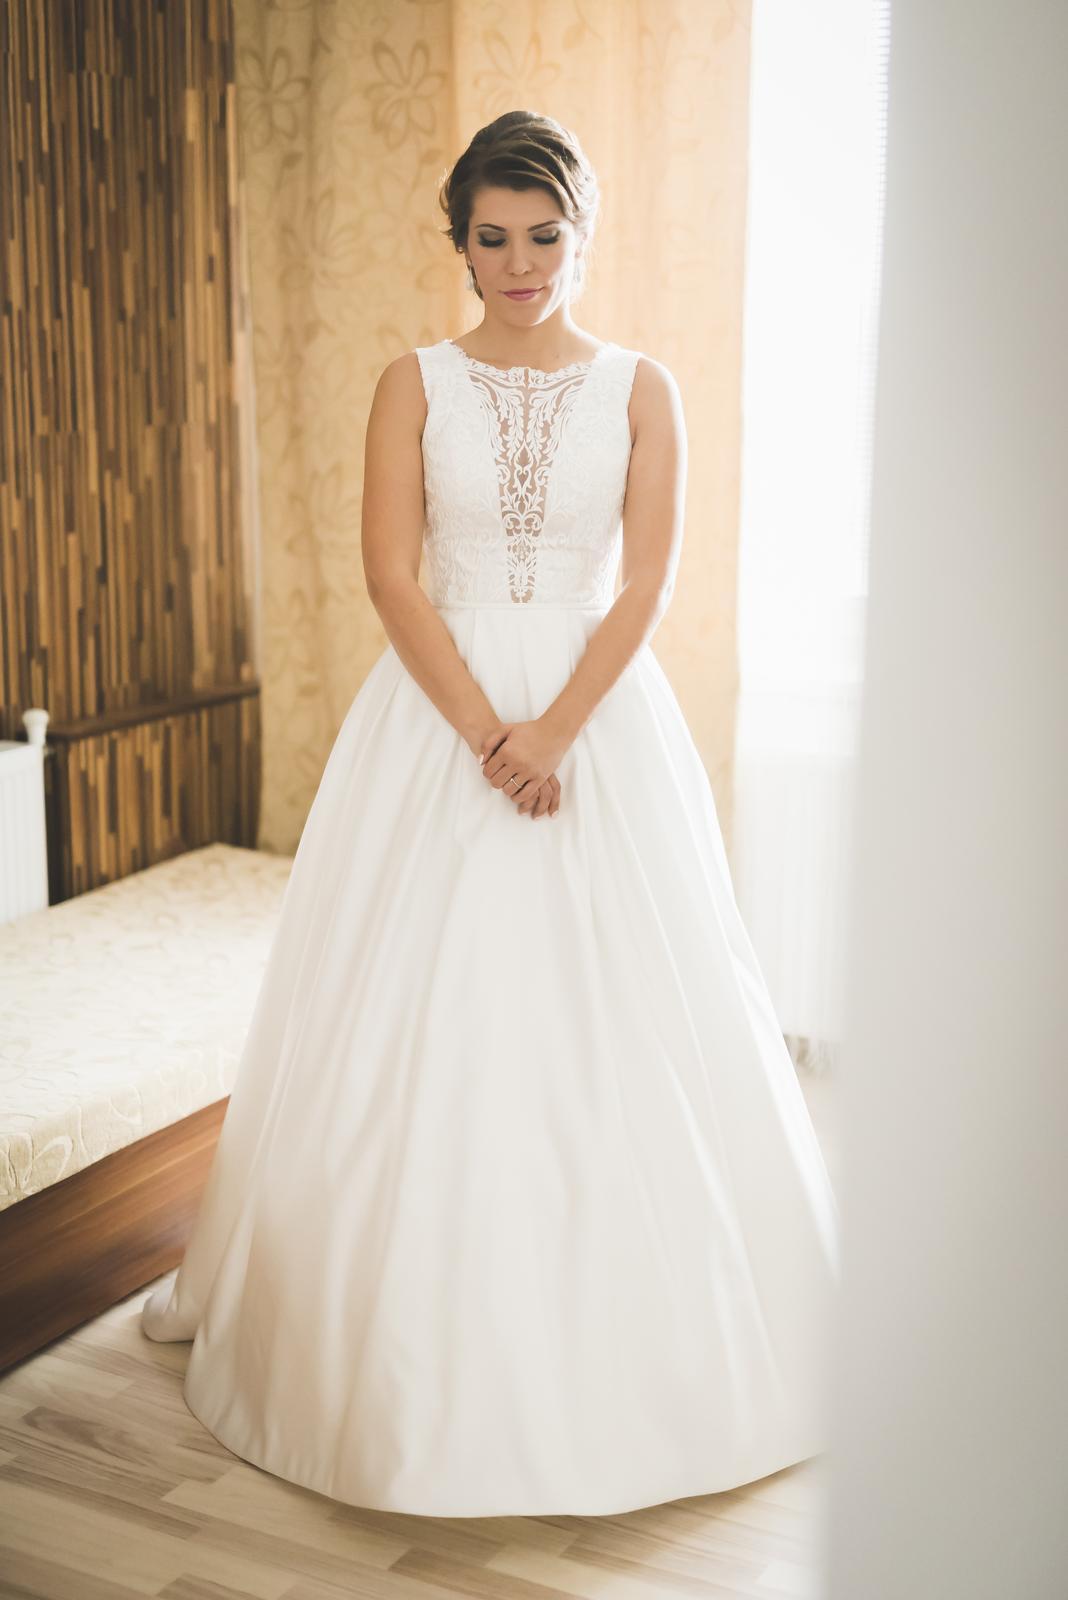 Svadobné šaty Monica Loretti - 36/38 - Obrázok č. 1